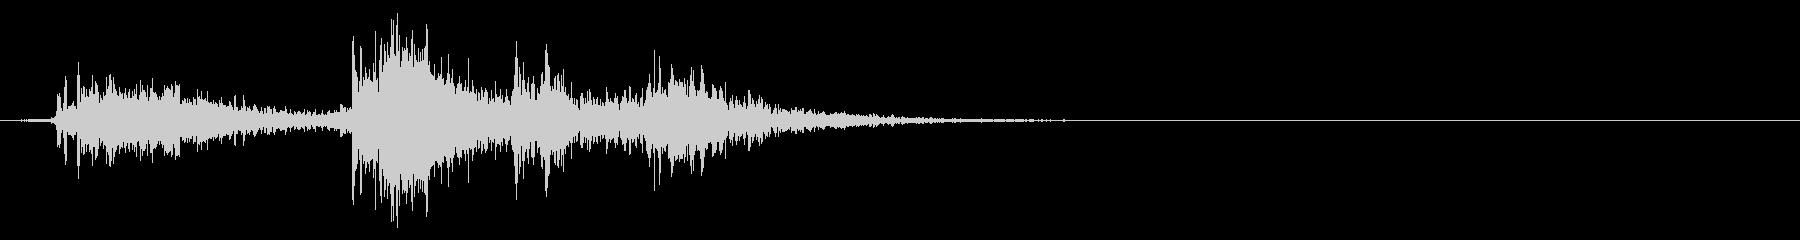 革椅子に座る音・軋む音7リバーブの未再生の波形